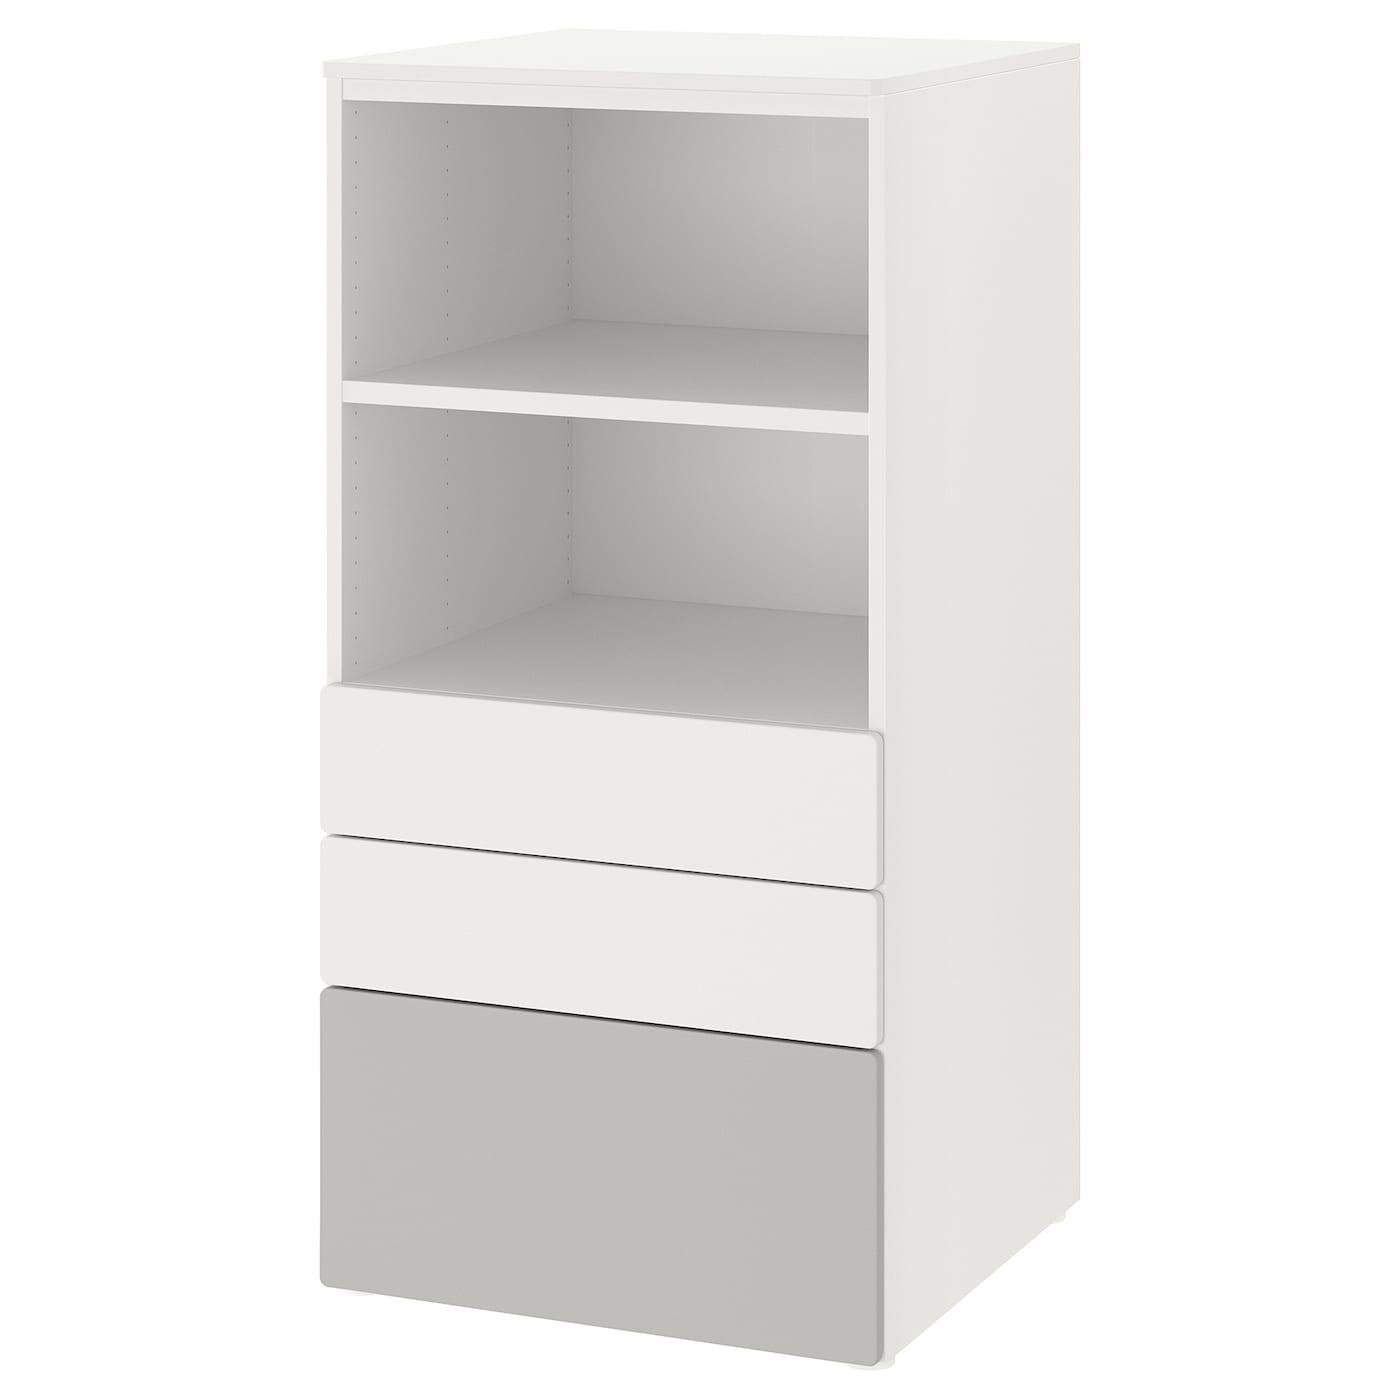 Tisch Regal Kombination Weiß mit 8 offenen Fächern